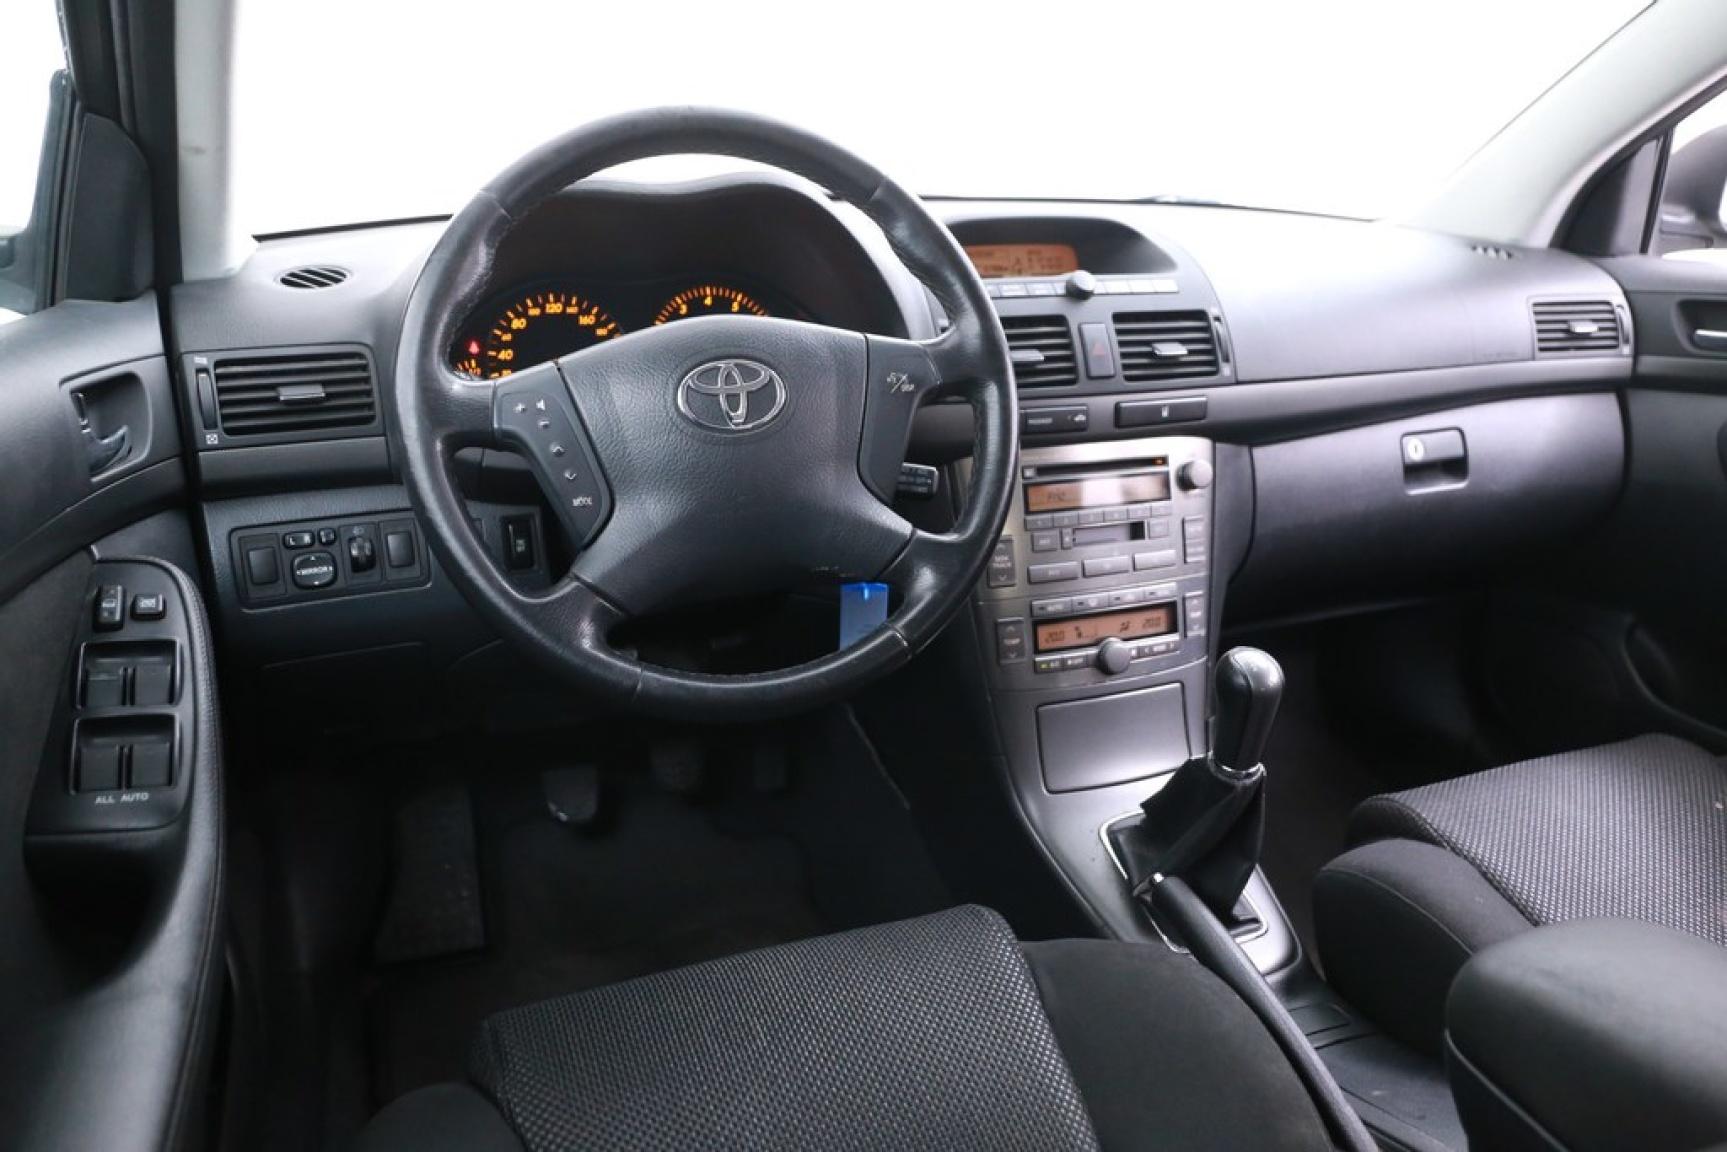 Toyota-Avensis-6